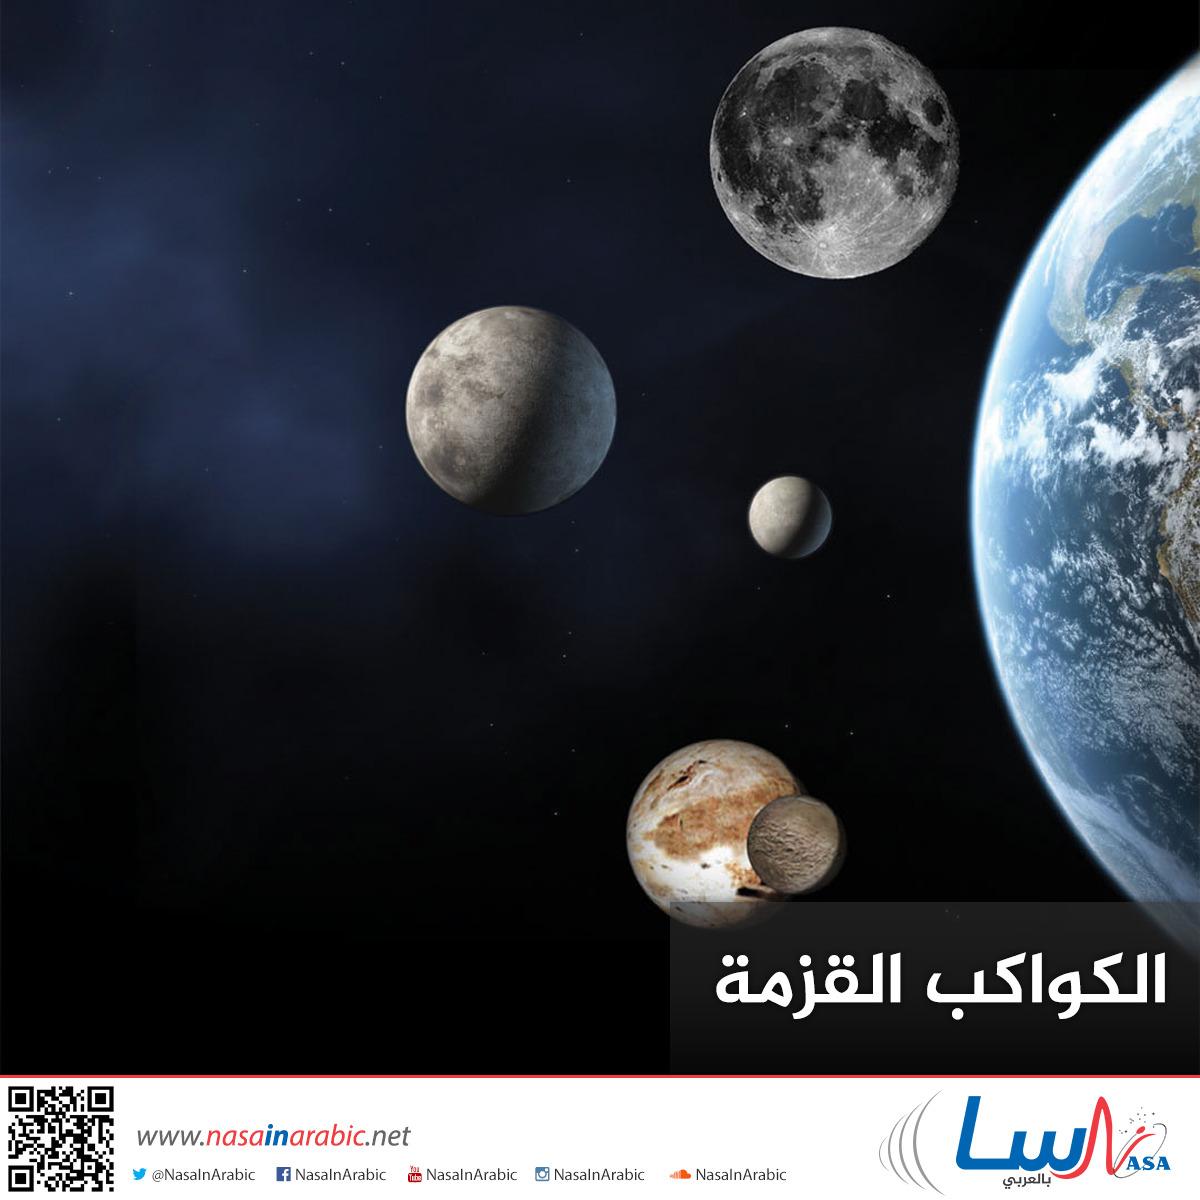 الكواكب القزمة